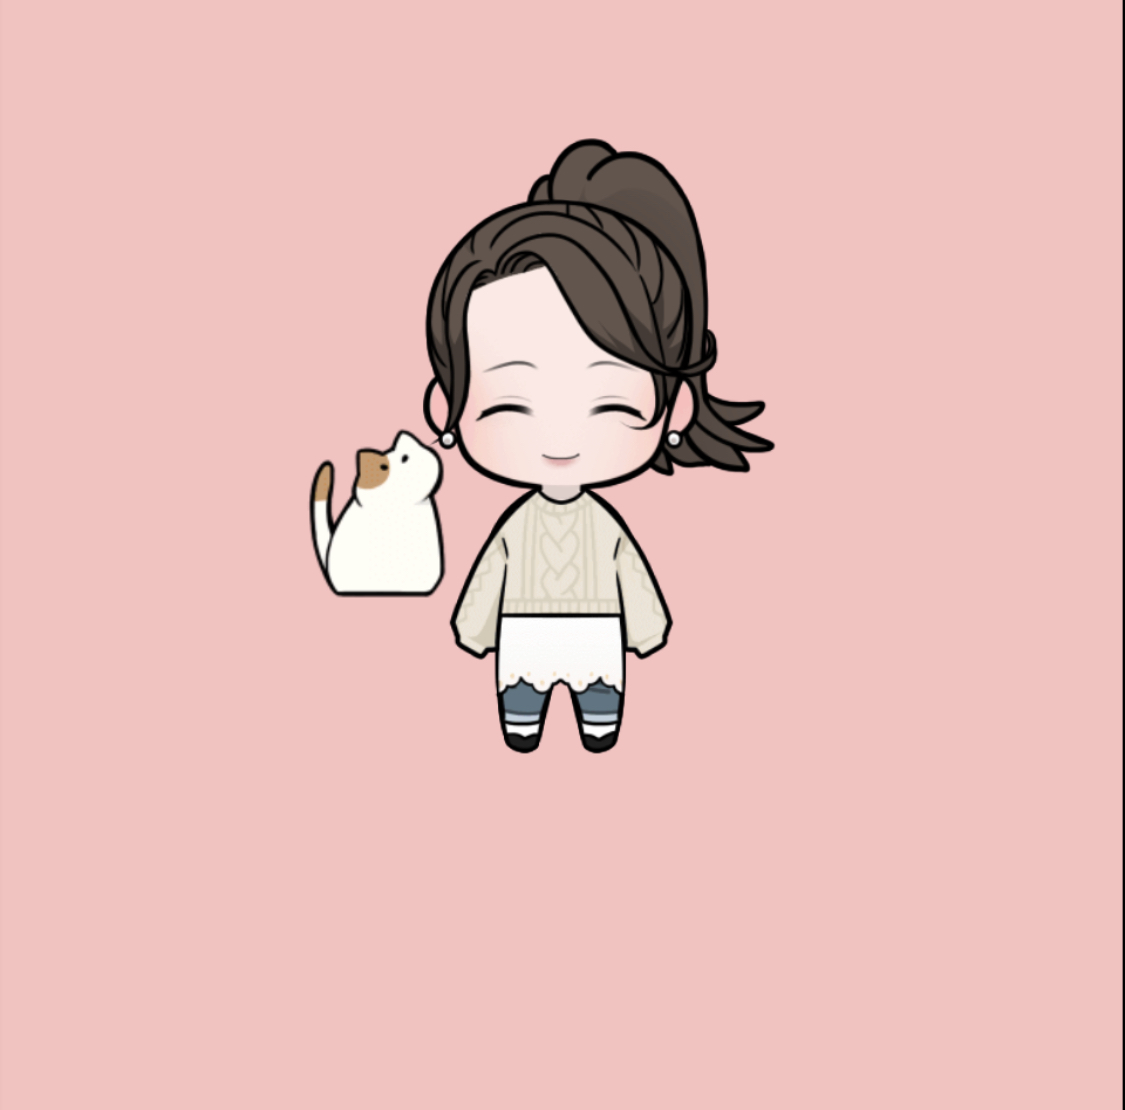 サボン / 女性のプロフィール画像